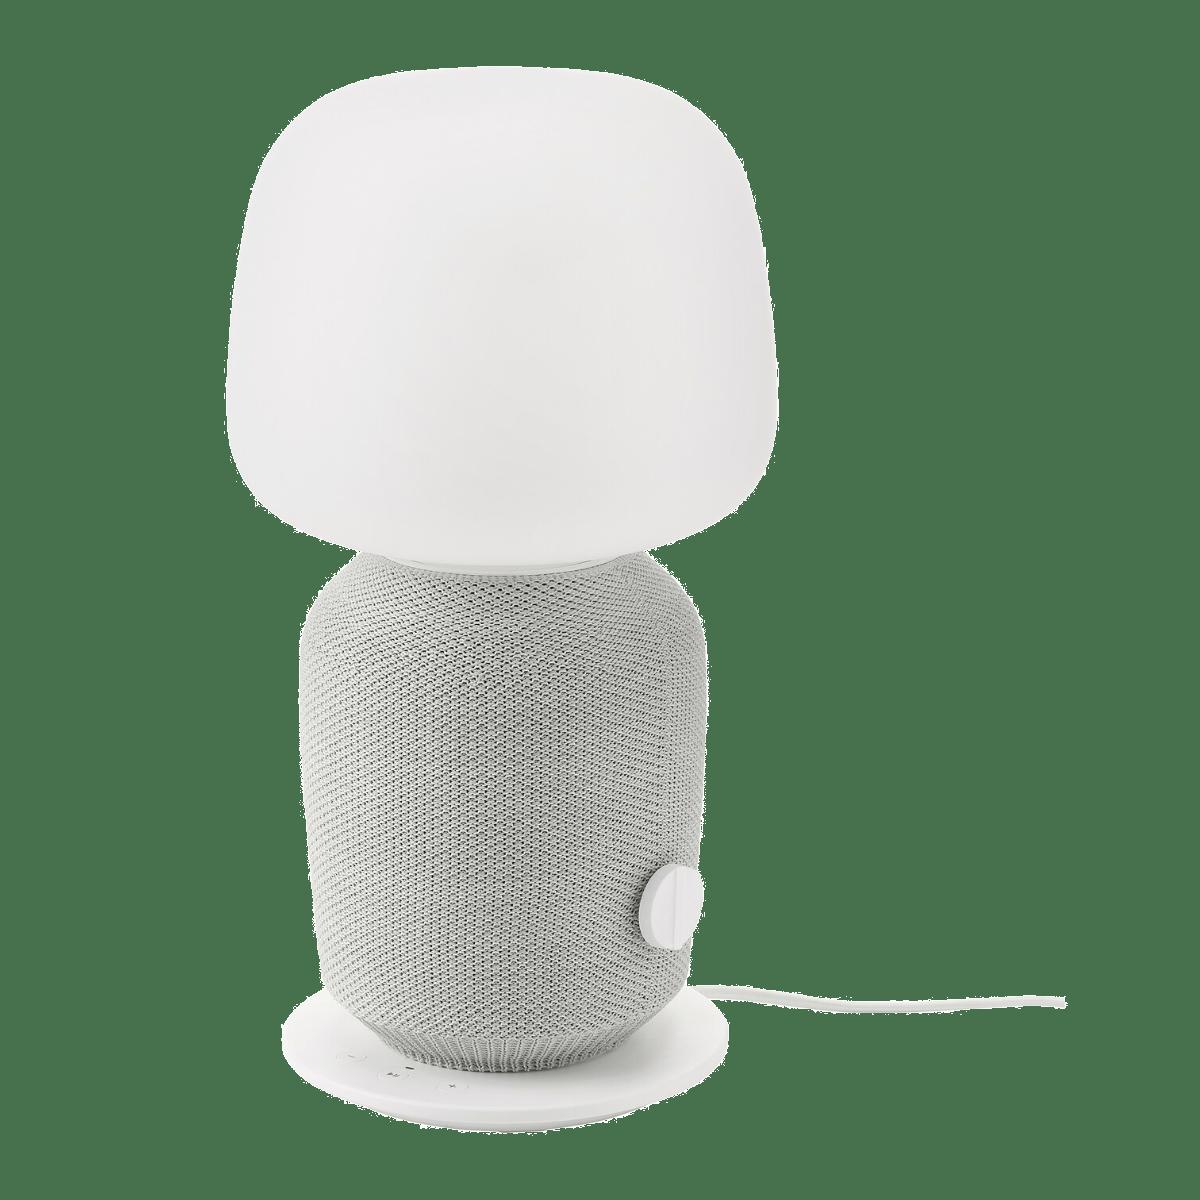 Sonos Ikea Symfonisk Lampe de table